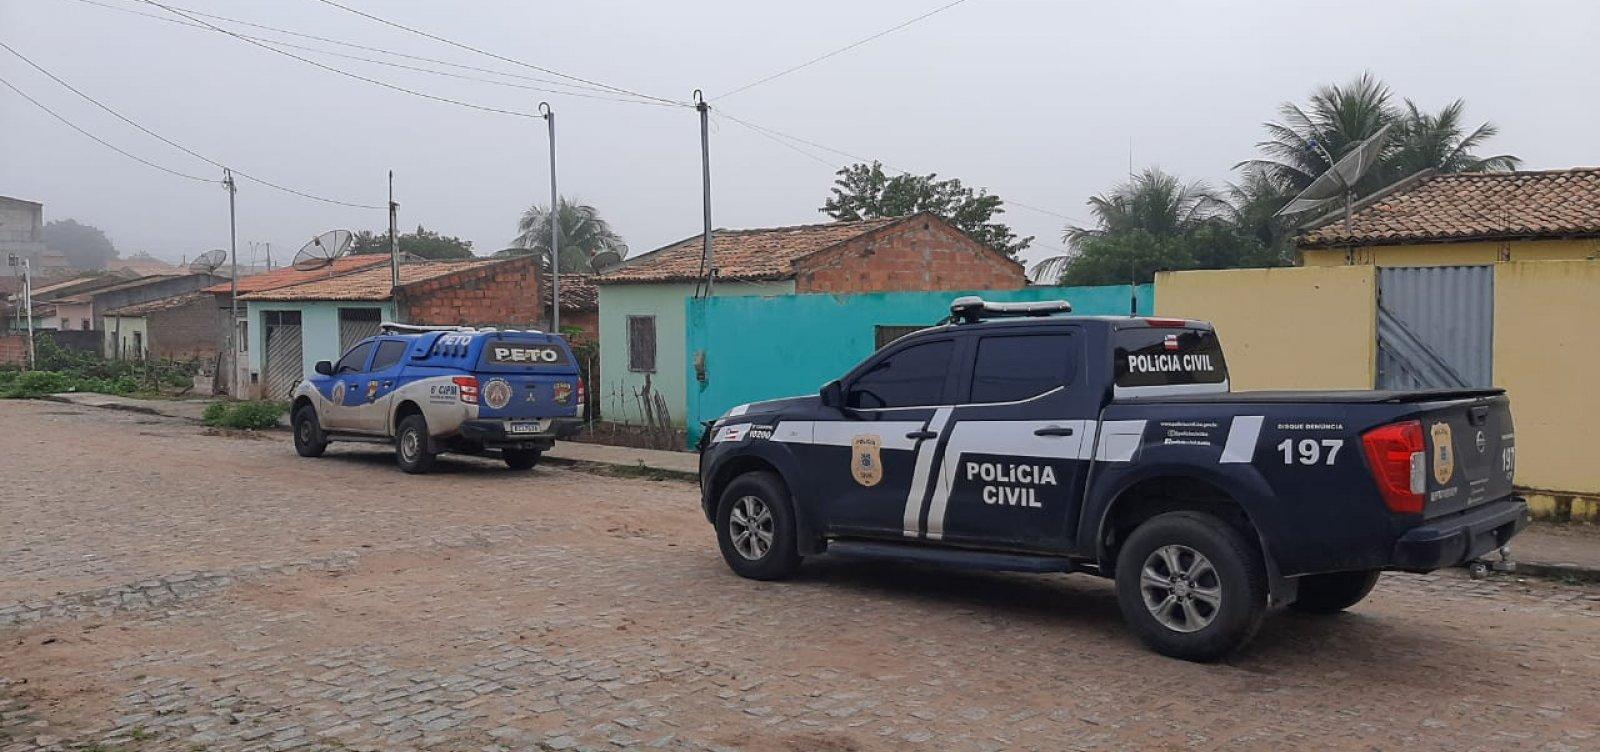 Três ciganos suspeitos de matar dois PMs em Conquista morrem em confronto com a polícia